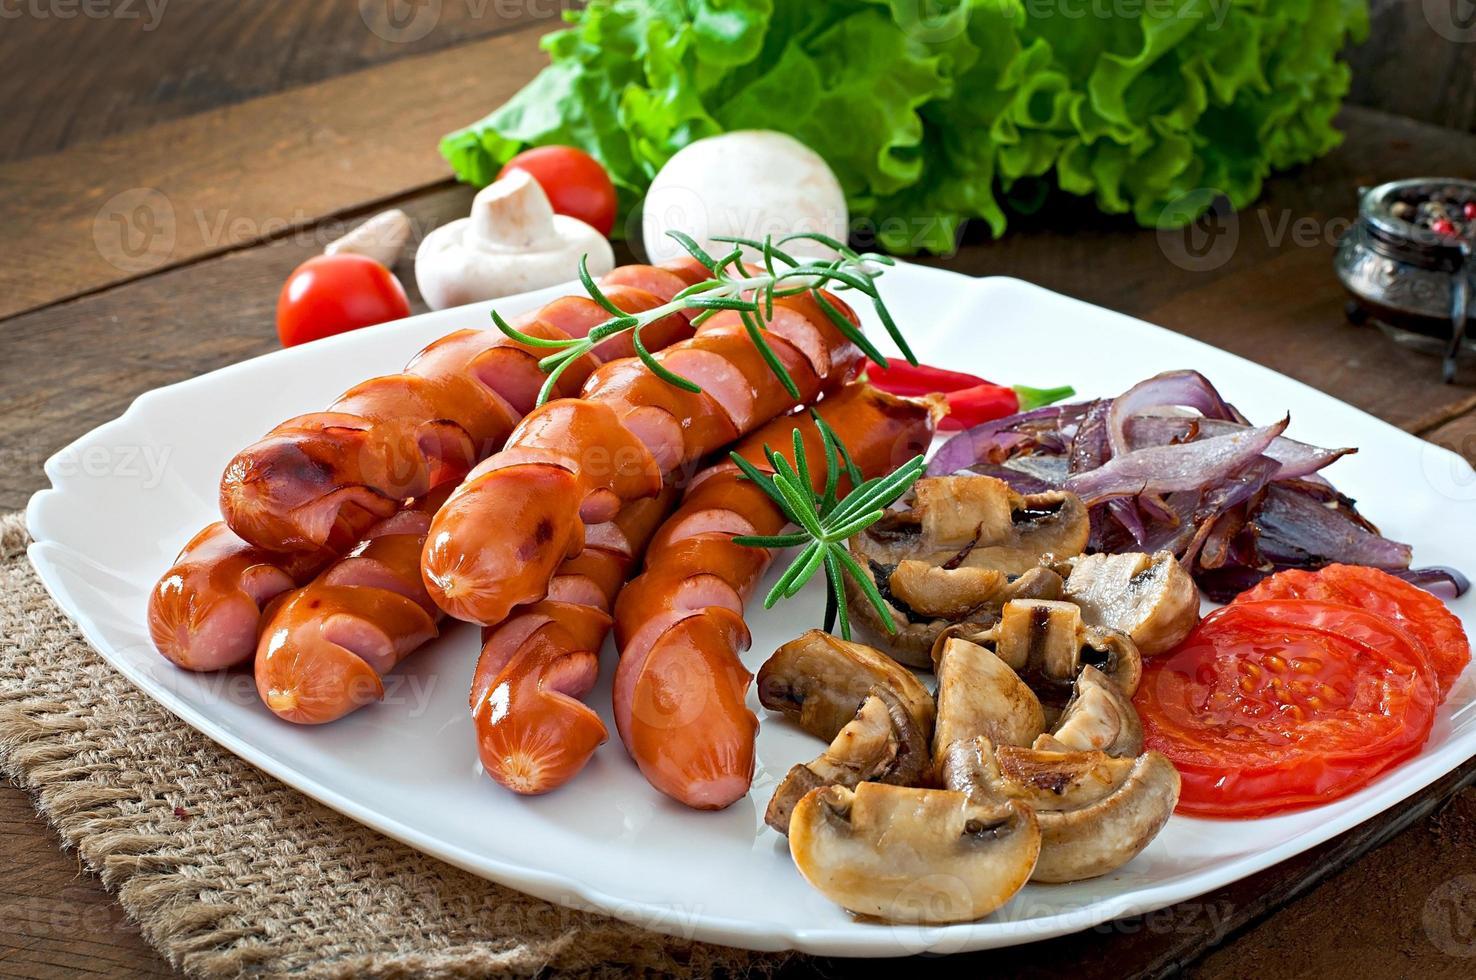 gebakken worstjes met groenten op een witte plaat foto